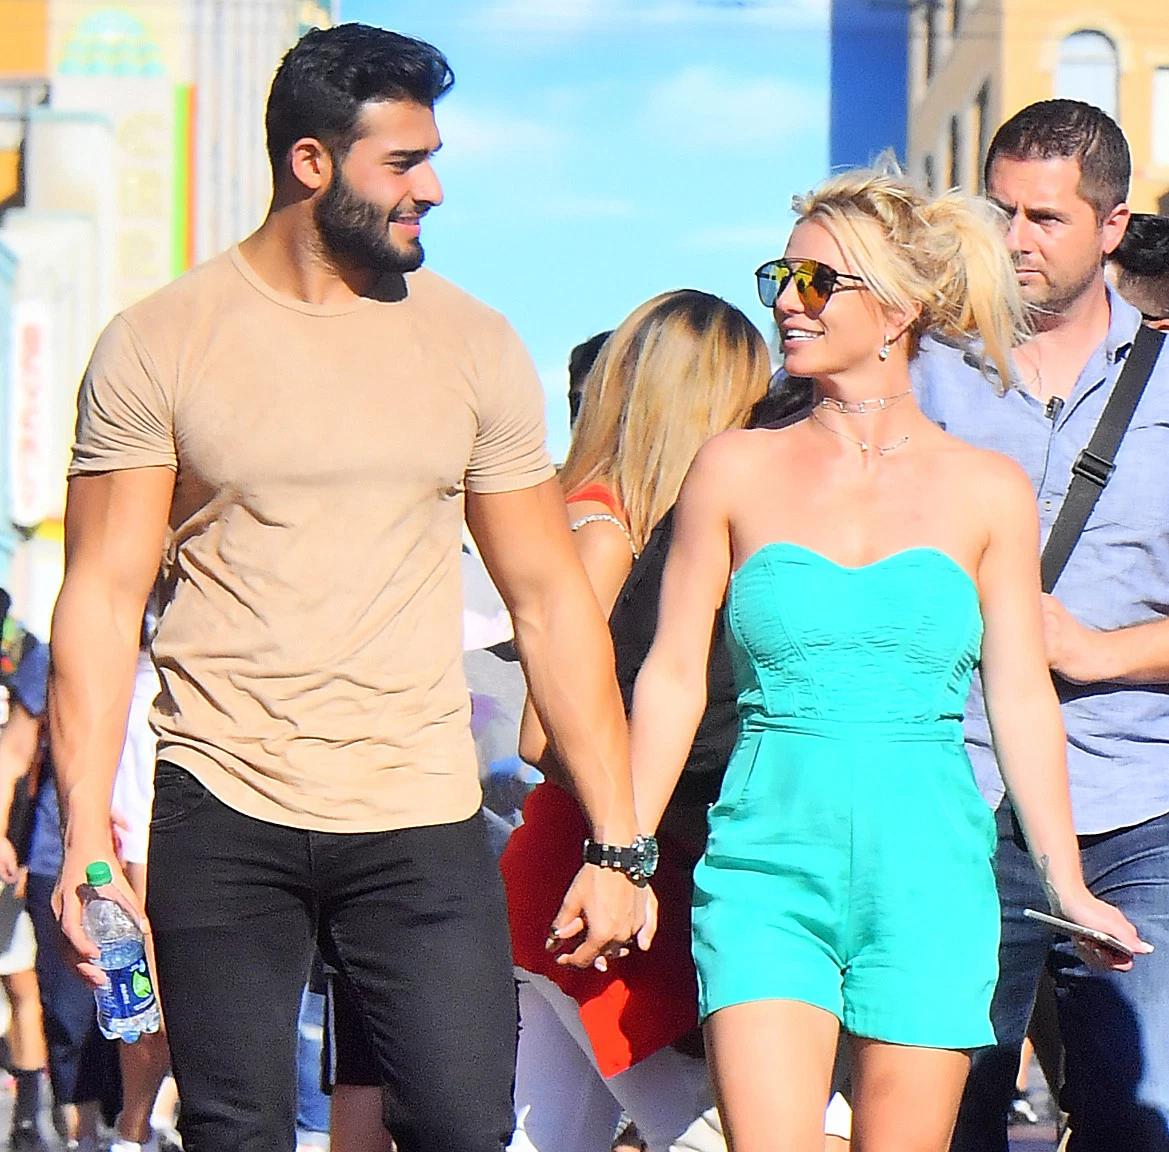 Namorado de Britney Spears, Sam Asghari, vem ao Brasil para evento em SP      Acesso Cultural